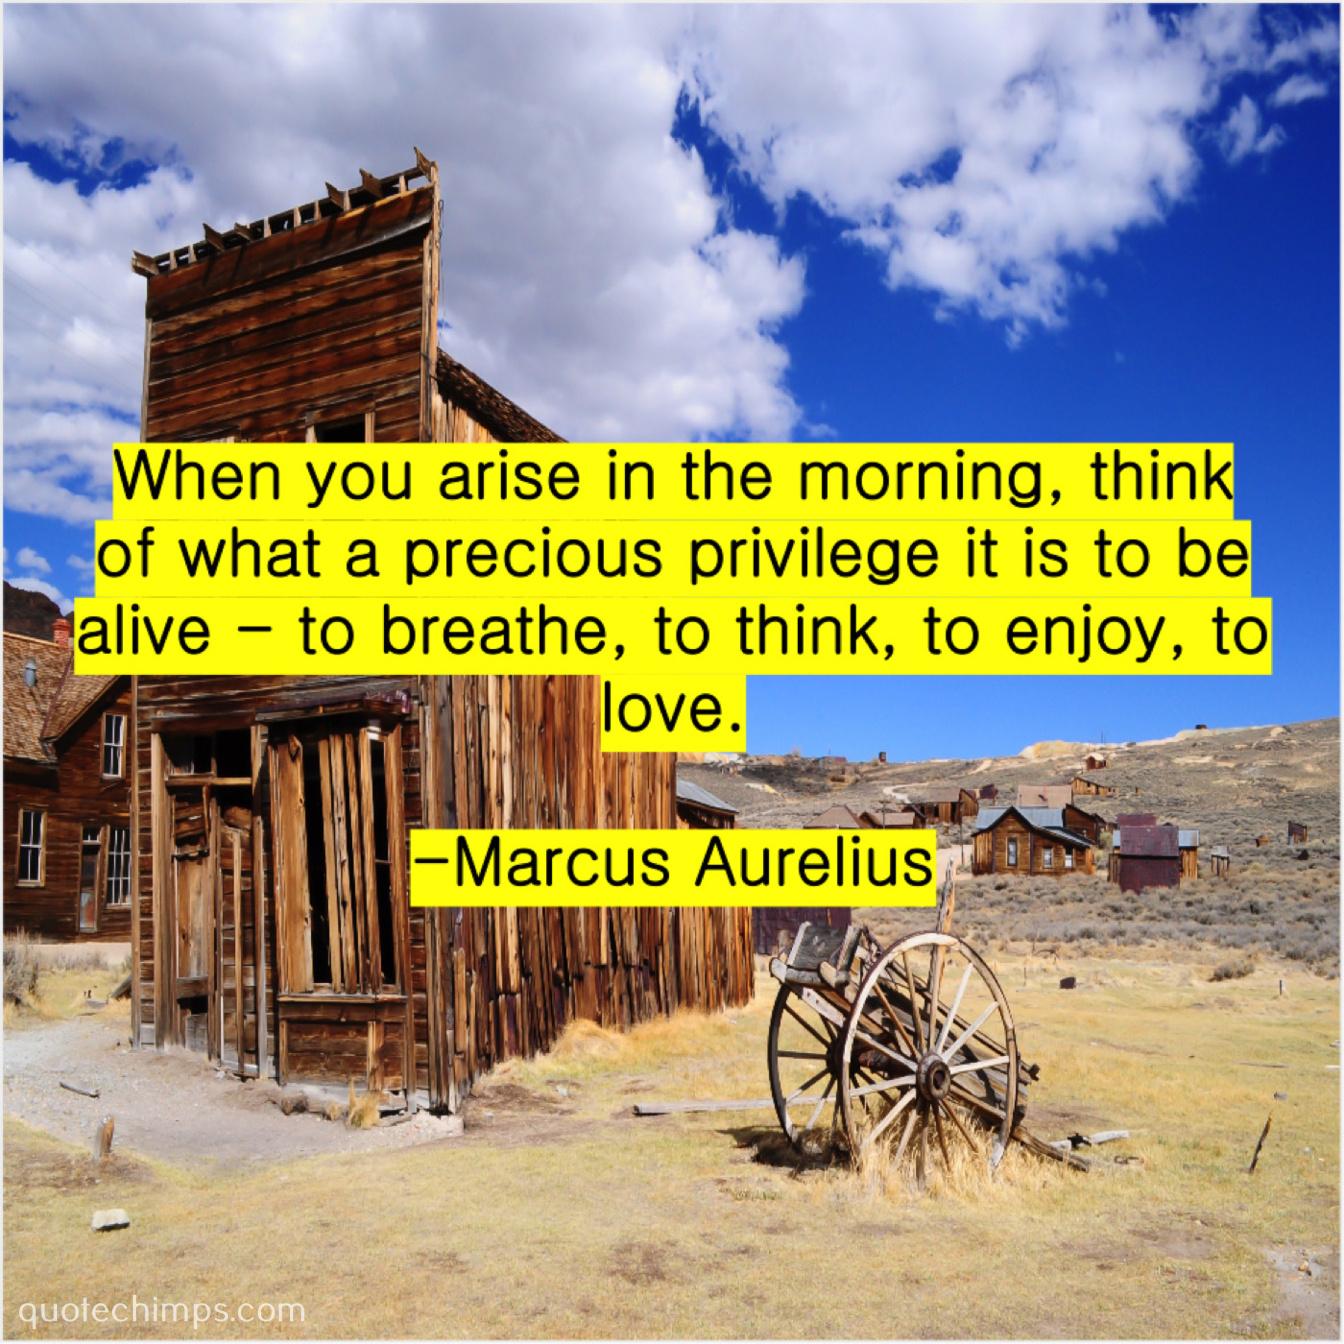 Marcus Aurelius When You Arise In The